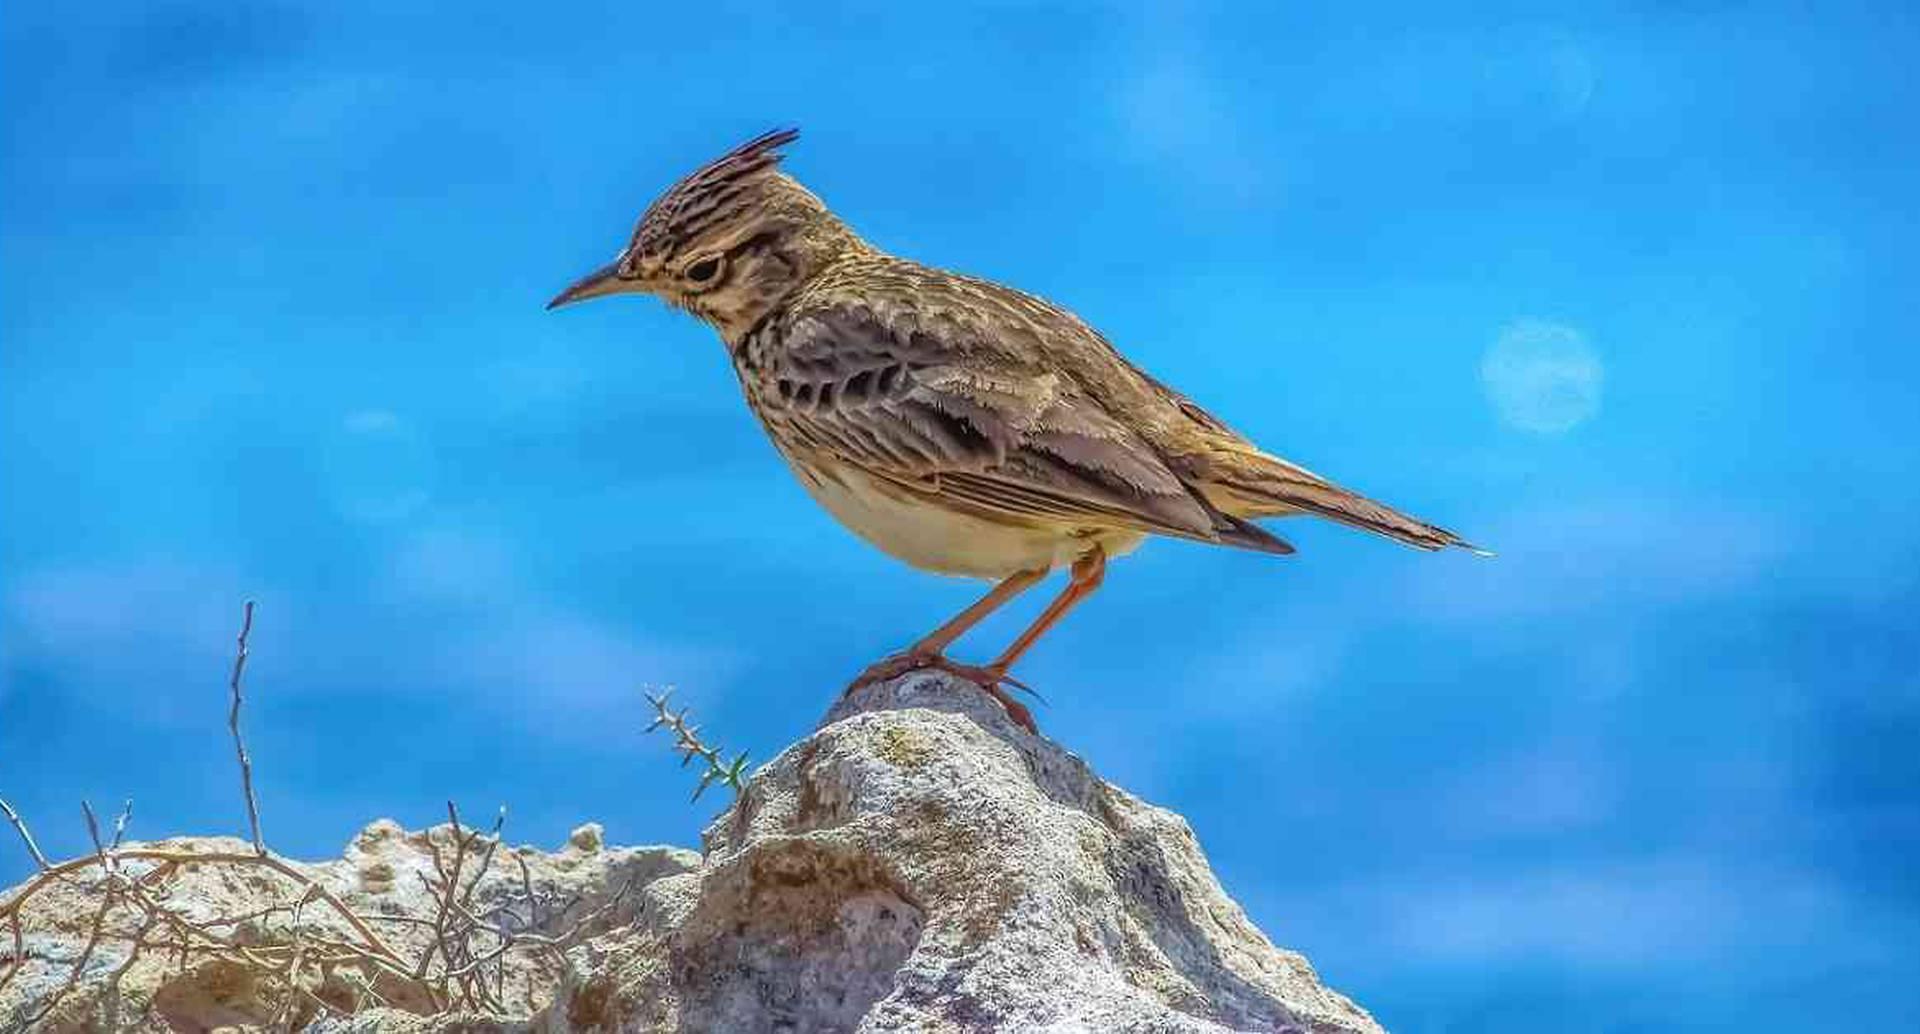 La alondra es una de las especies que más se ha reducido en los últimos años. Foto: Pixabay